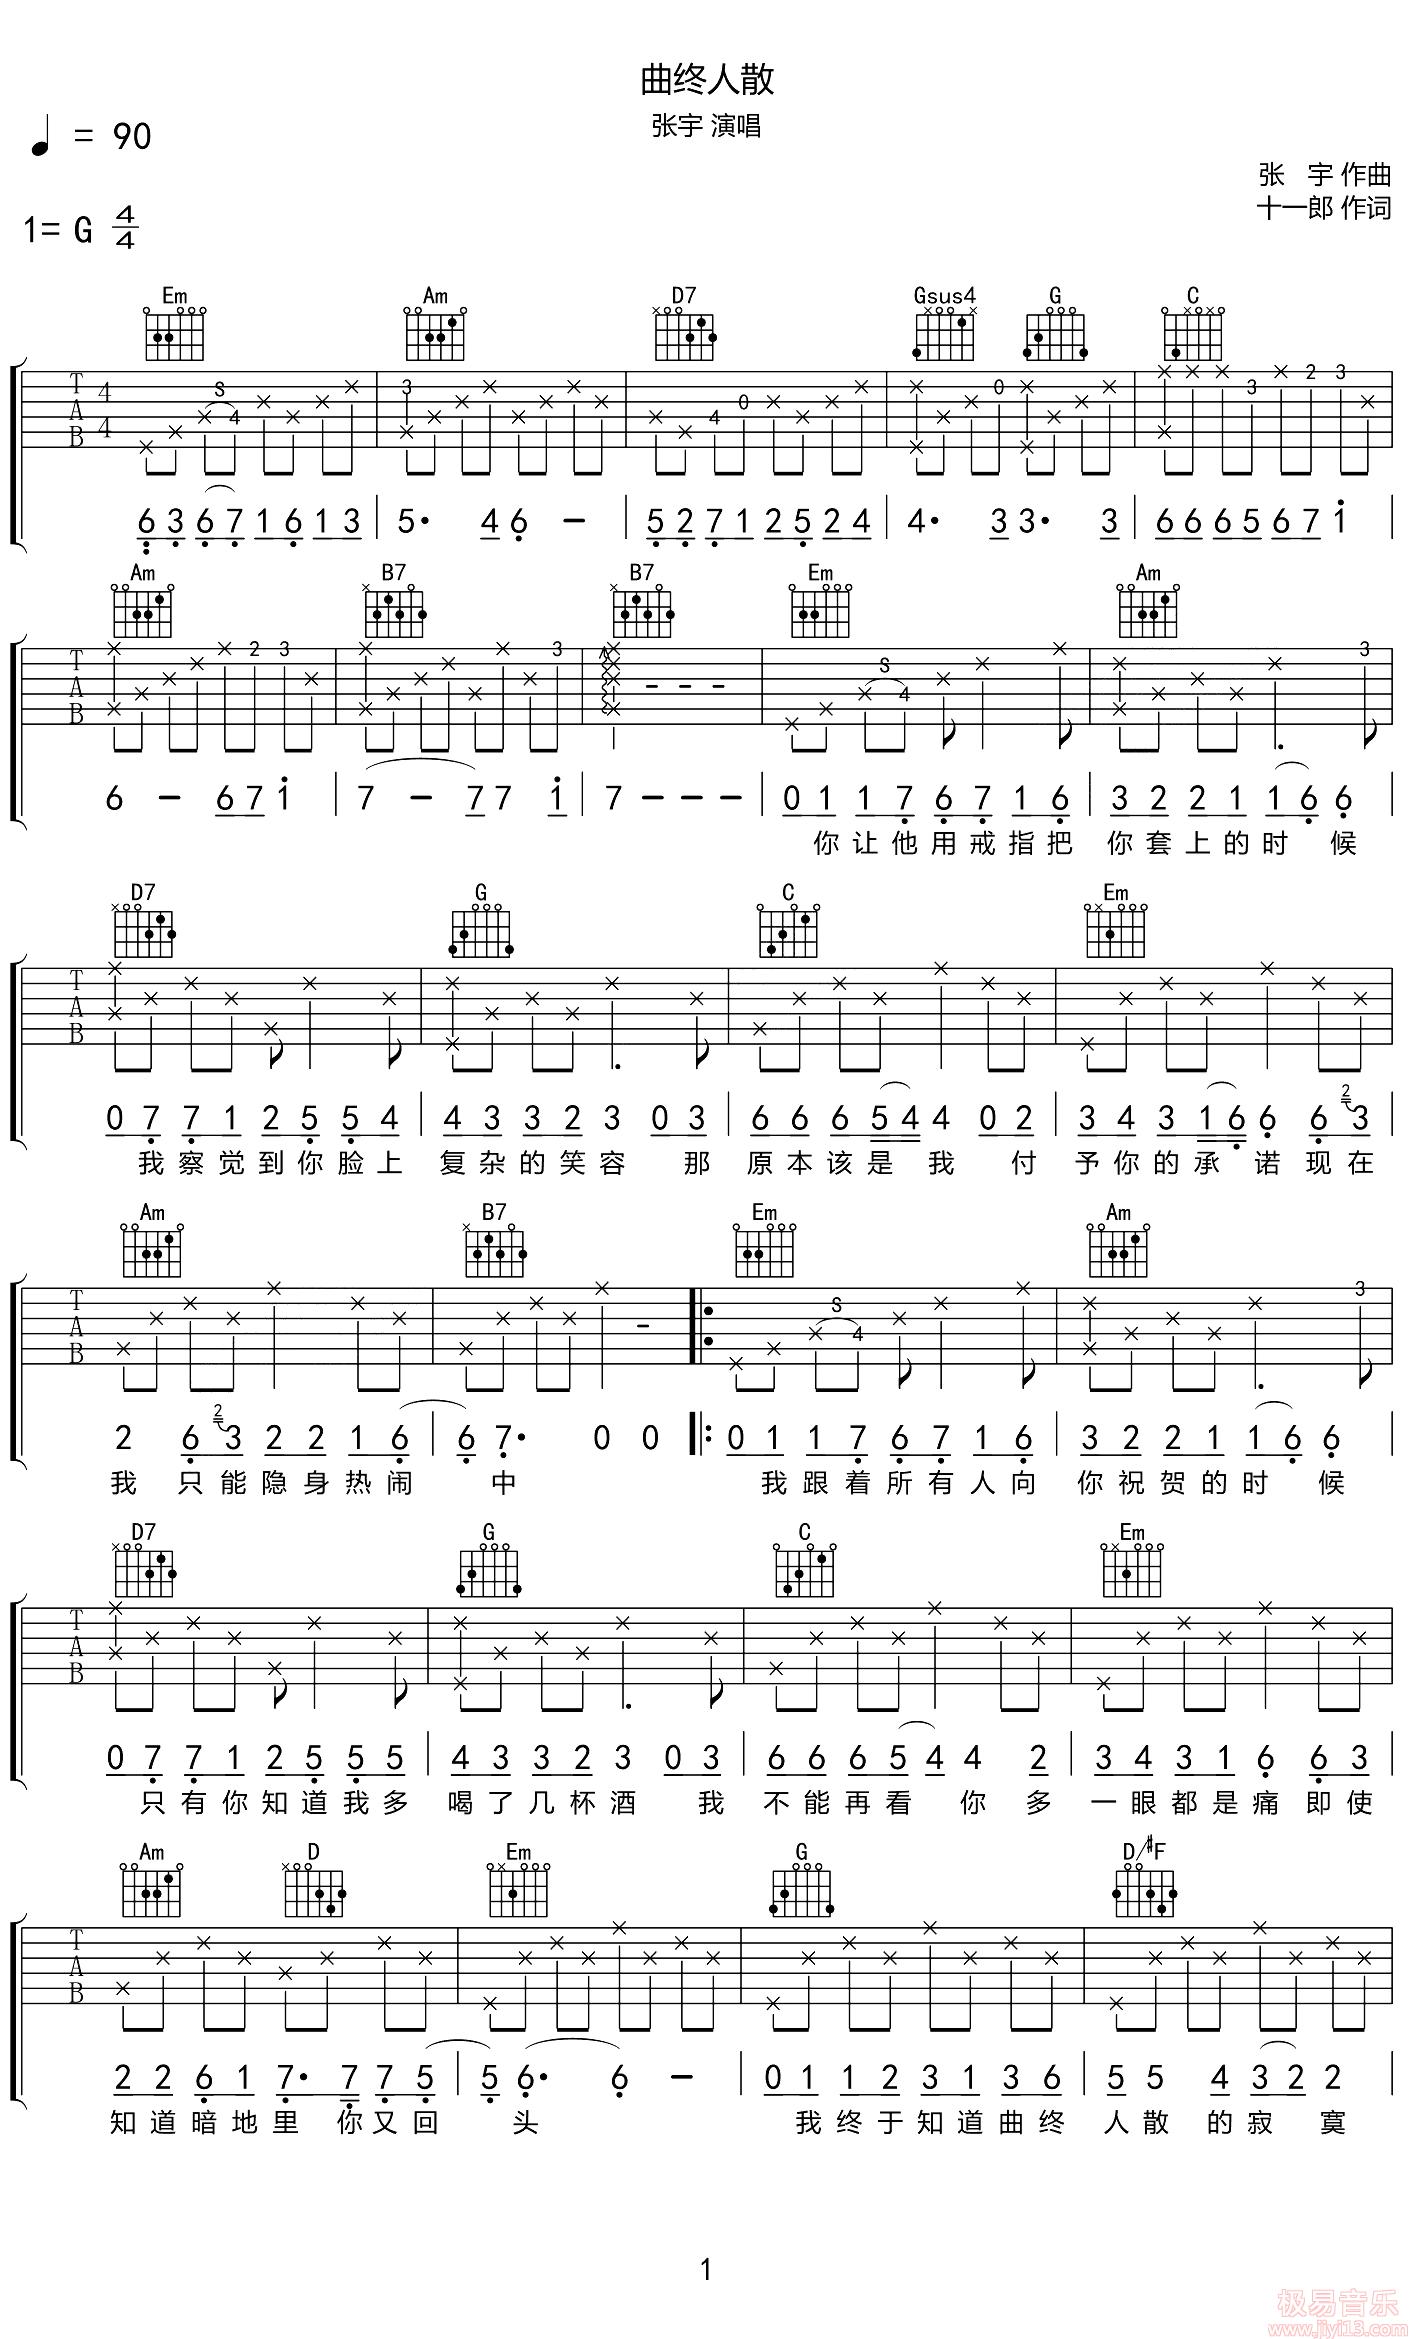 张宇《曲终人散》高清吉他弹唱谱G调完美版原版编配+视频示范